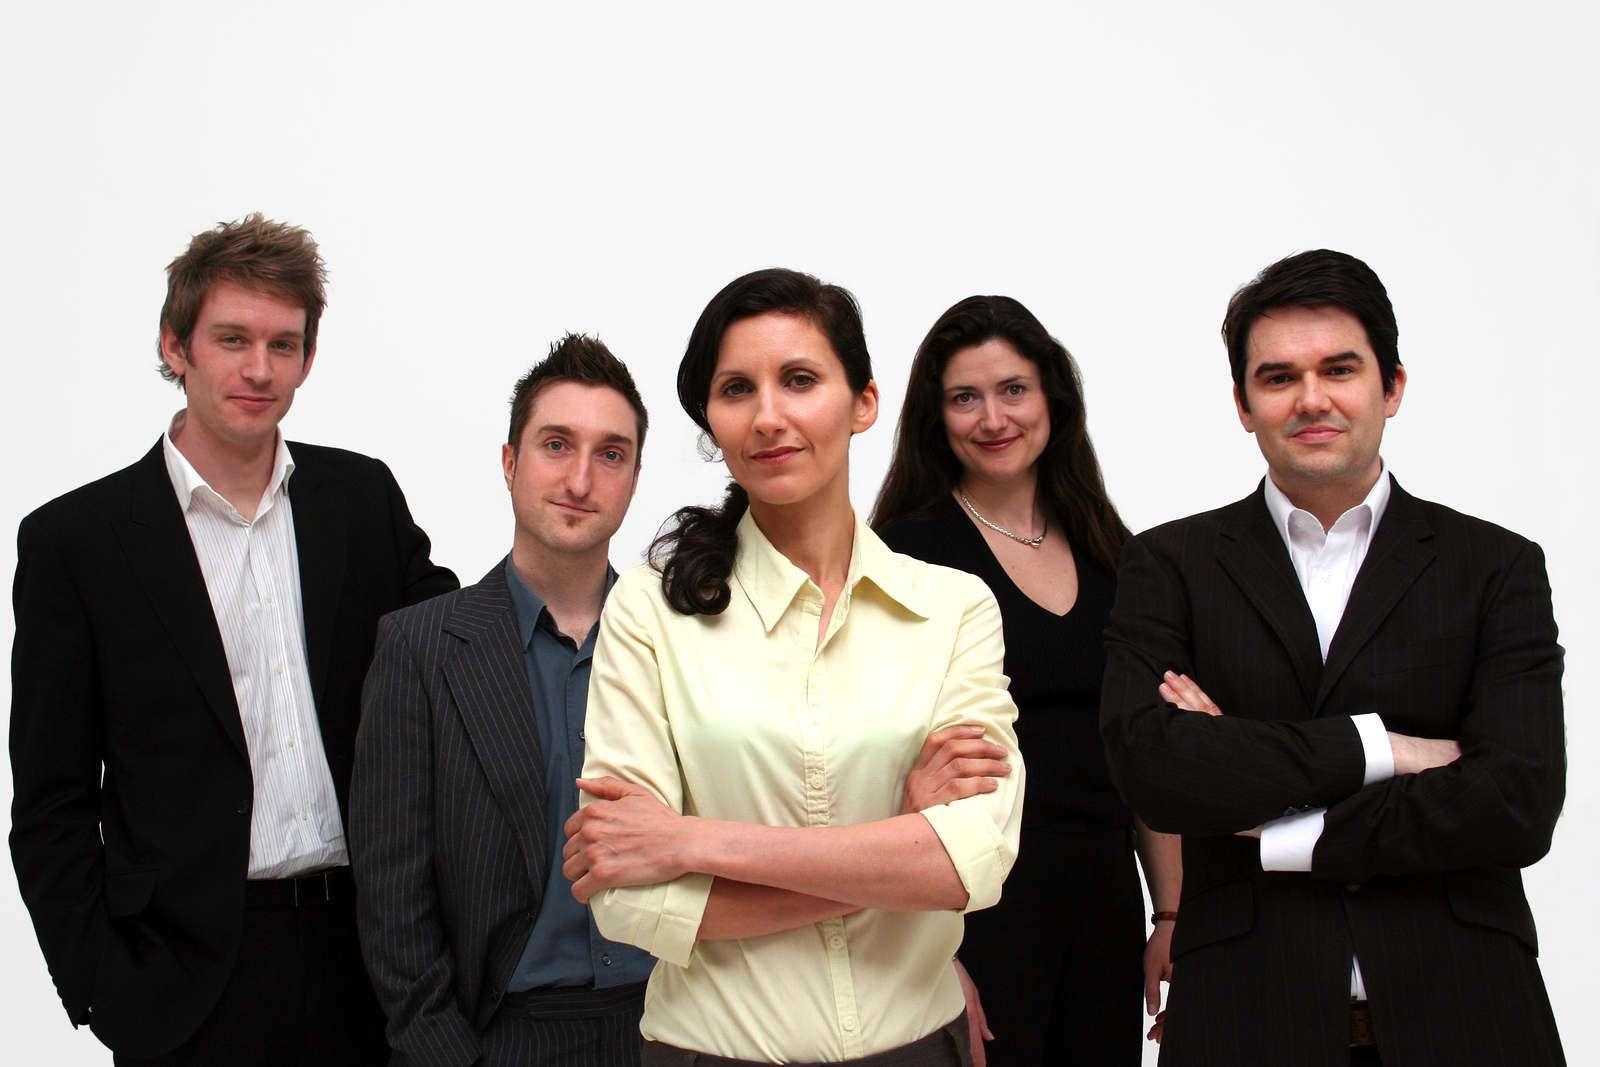 53 फीसदी भारतीय कंपनियों में 10 पुरुषों पर 1 महिला कर्मी है